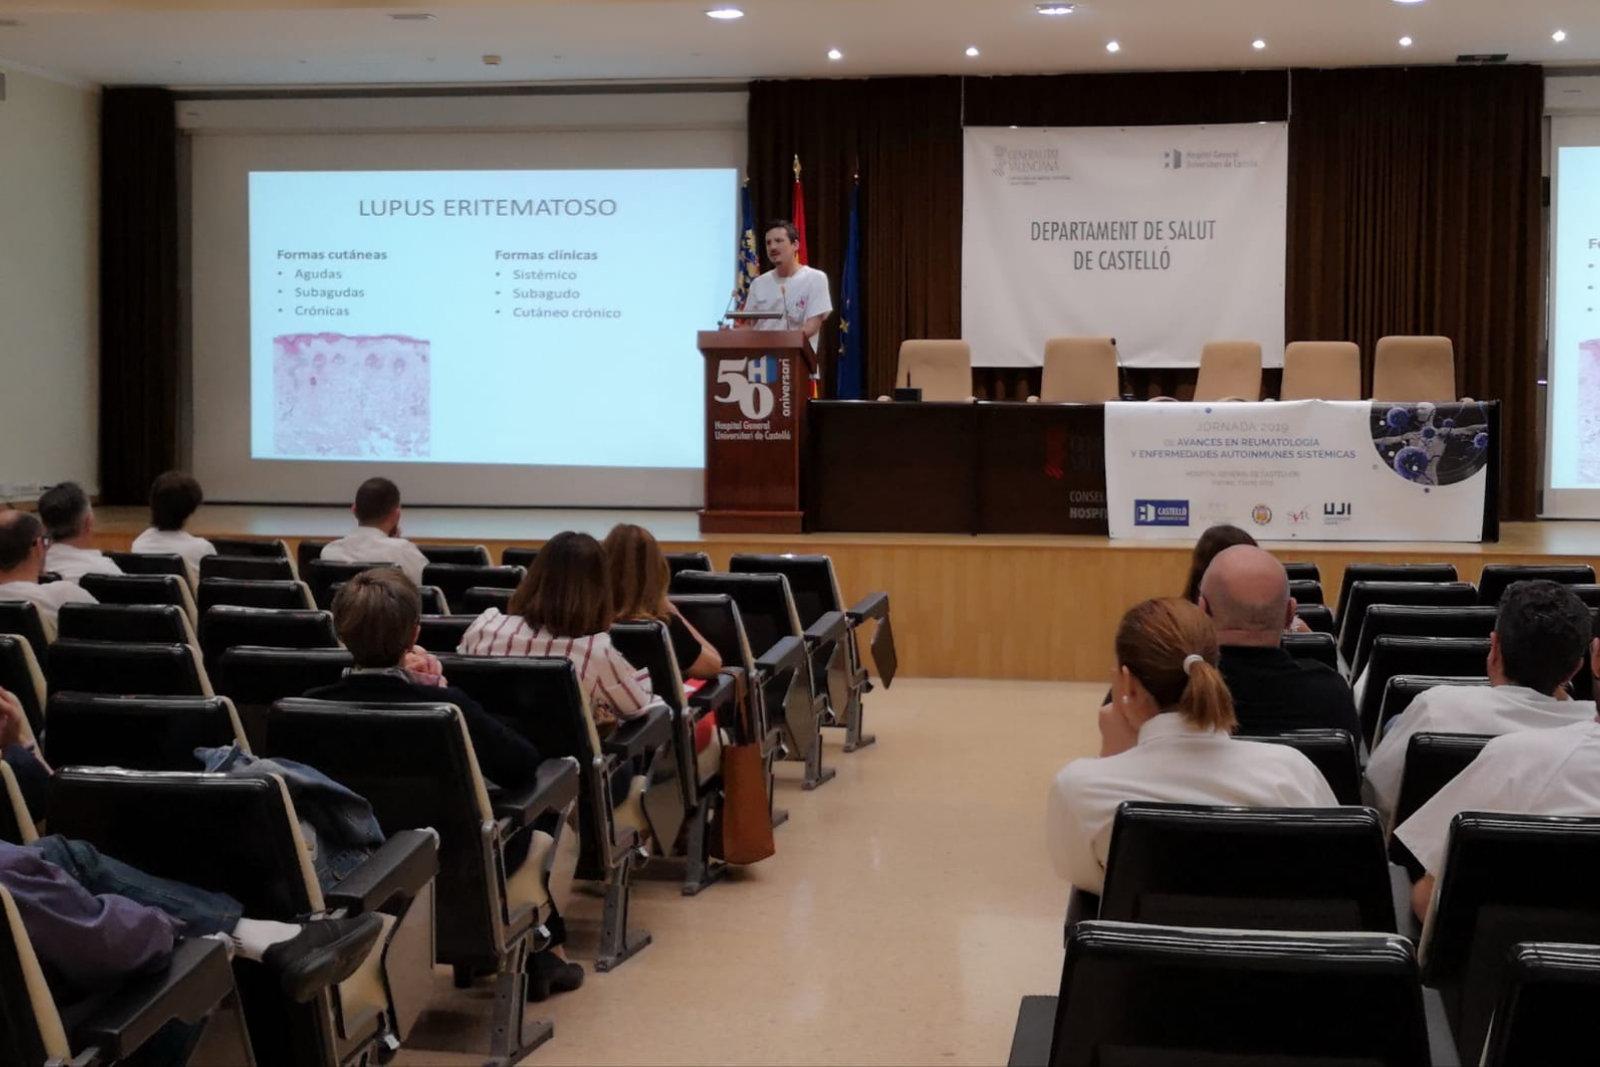 Castellón acoge la III Jornada dedicada a presentar los últimos avances en Reumatología y enfermedades autoinmunes sistémicas